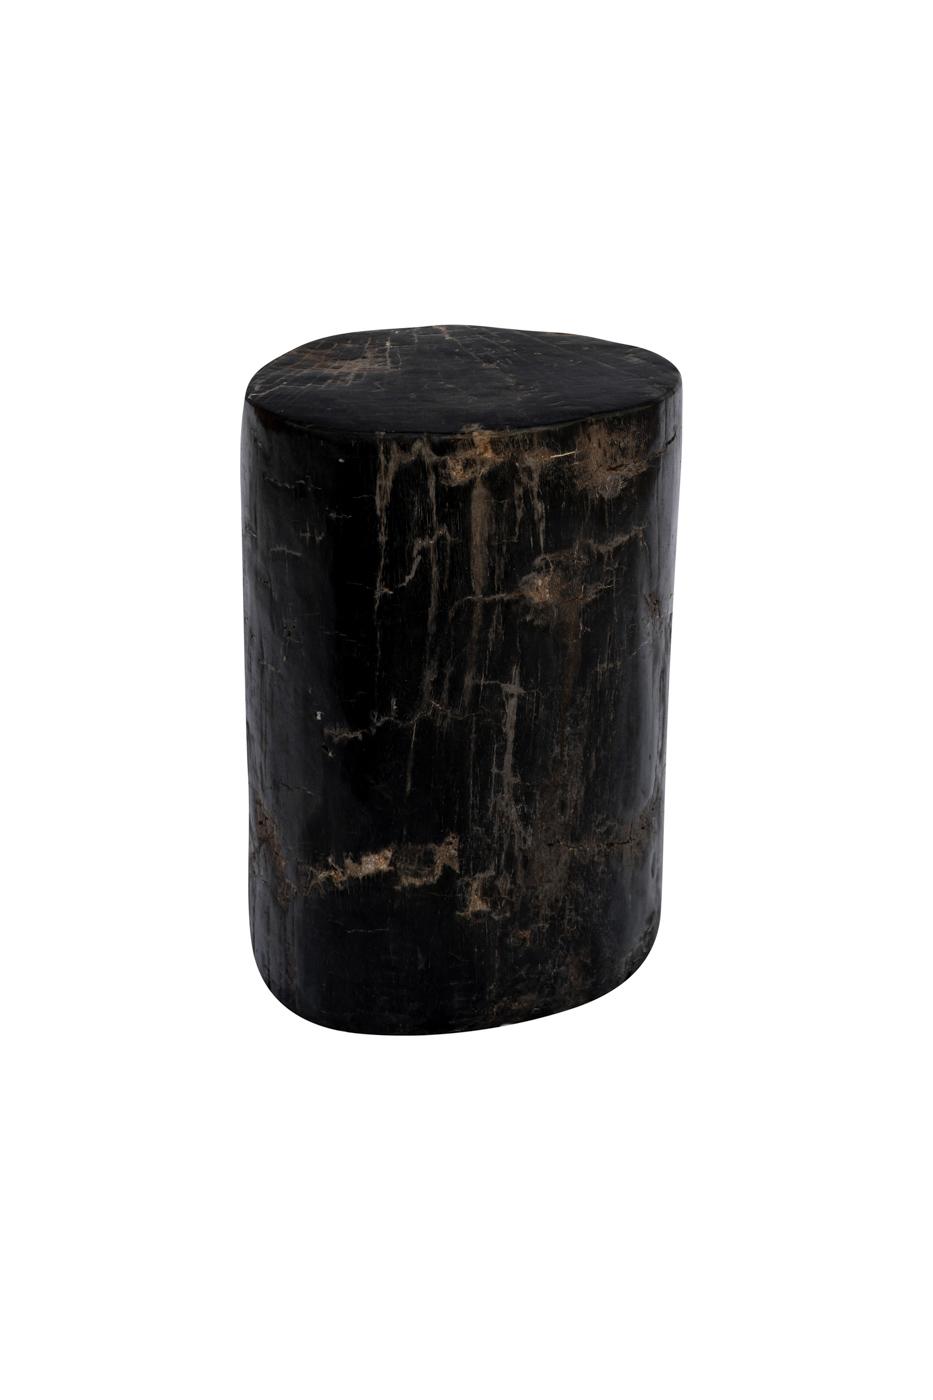 Tronco de madera fosilizada negro